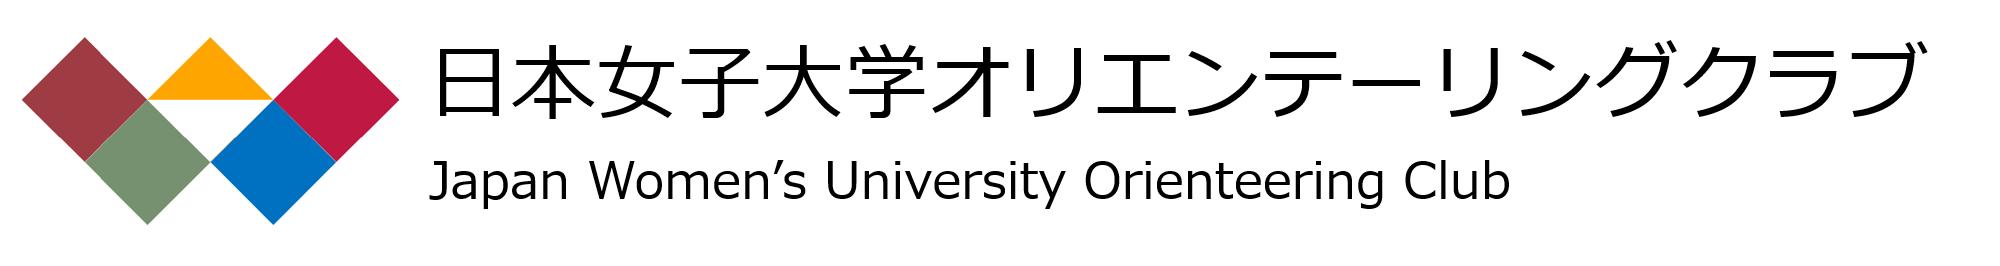 日本女子大学オリエンテーリングクラブ